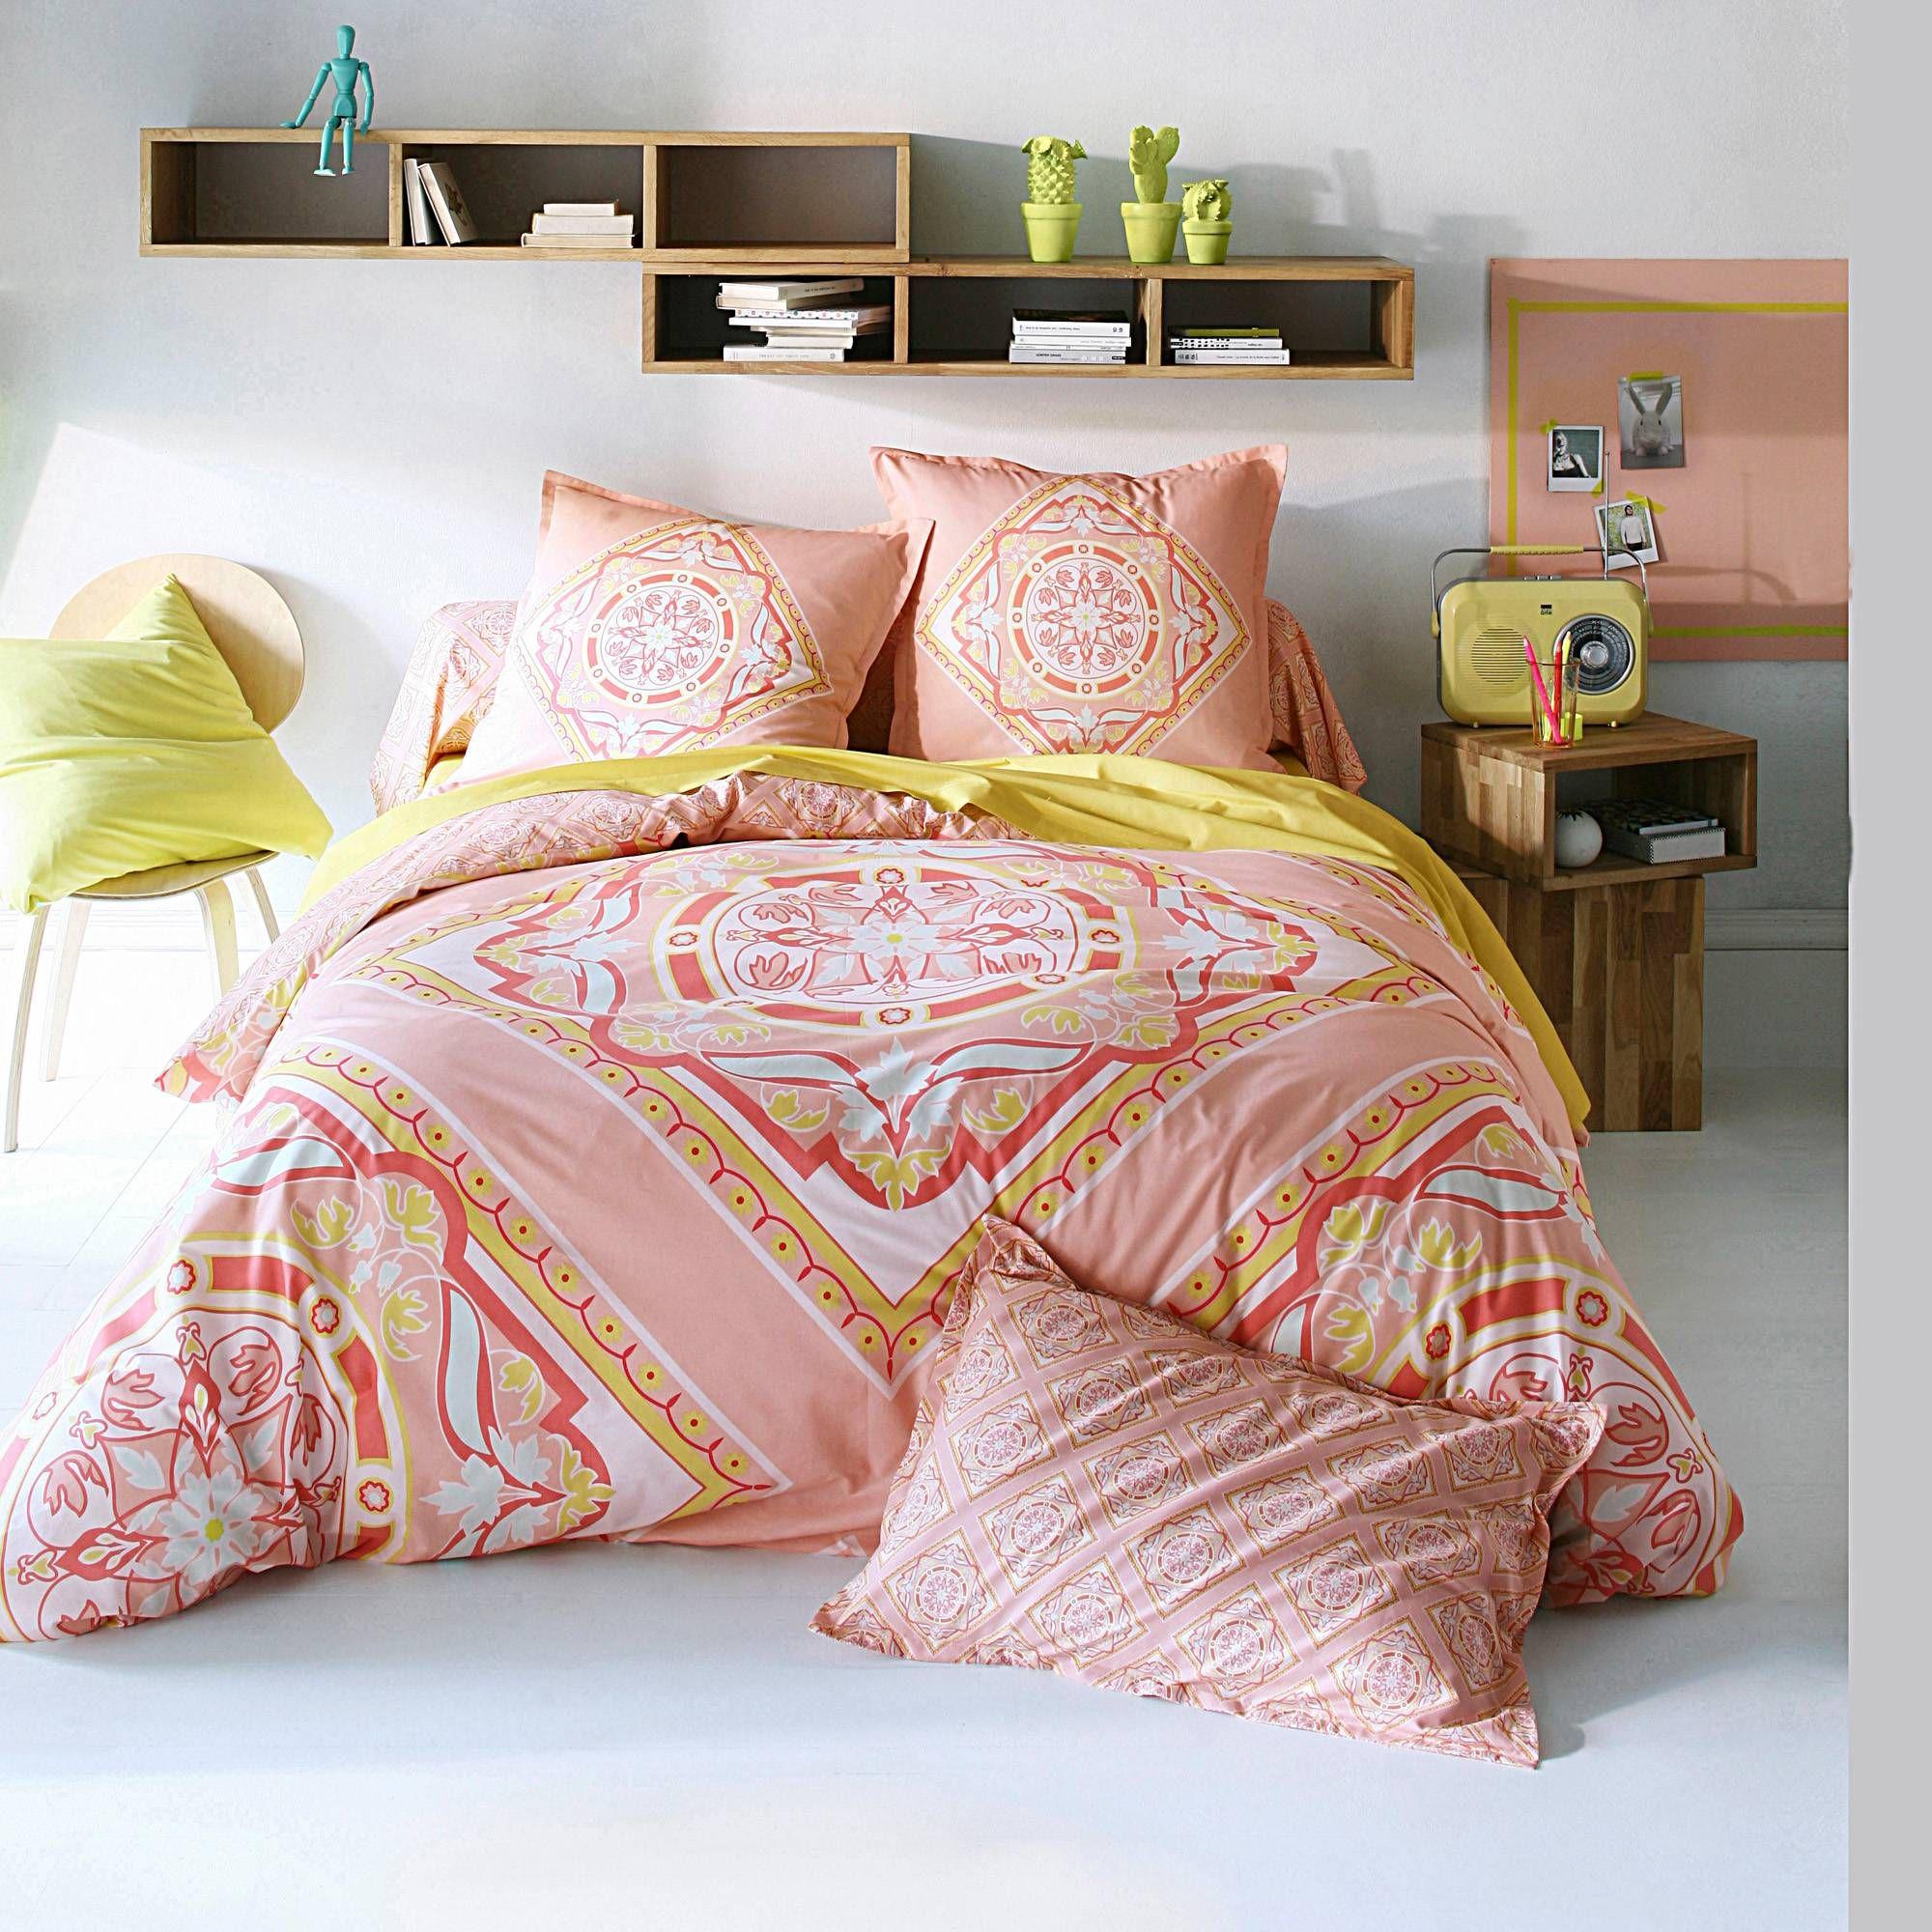 housse de couette imprim e foulard 1 ou 2 personnes coton. Black Bedroom Furniture Sets. Home Design Ideas